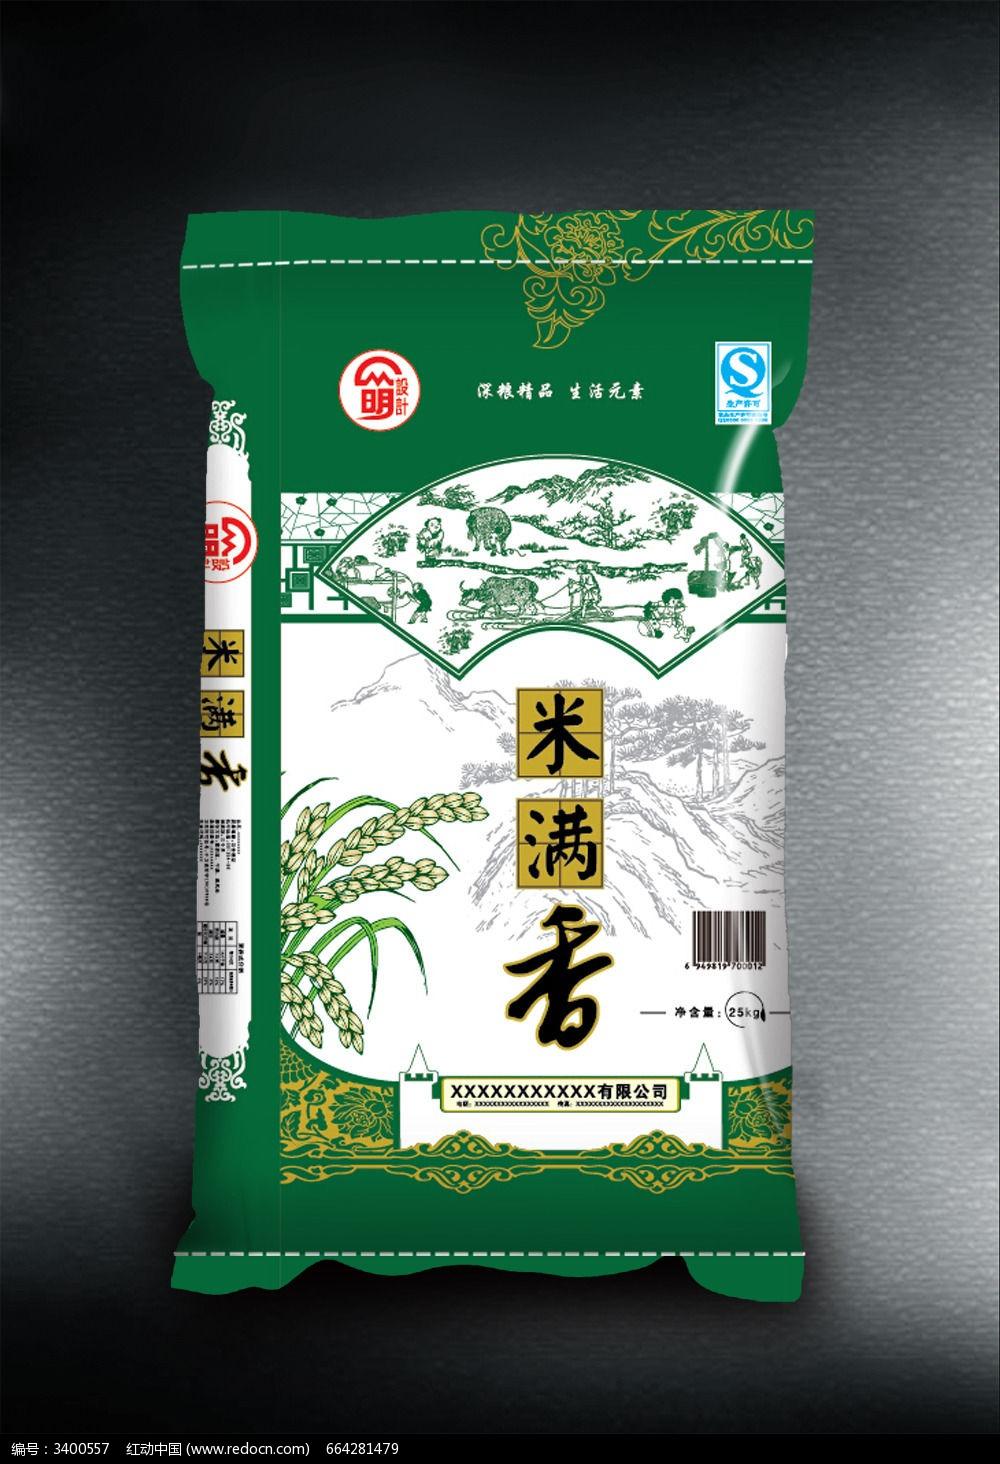 米满香大米包装袋设计图片